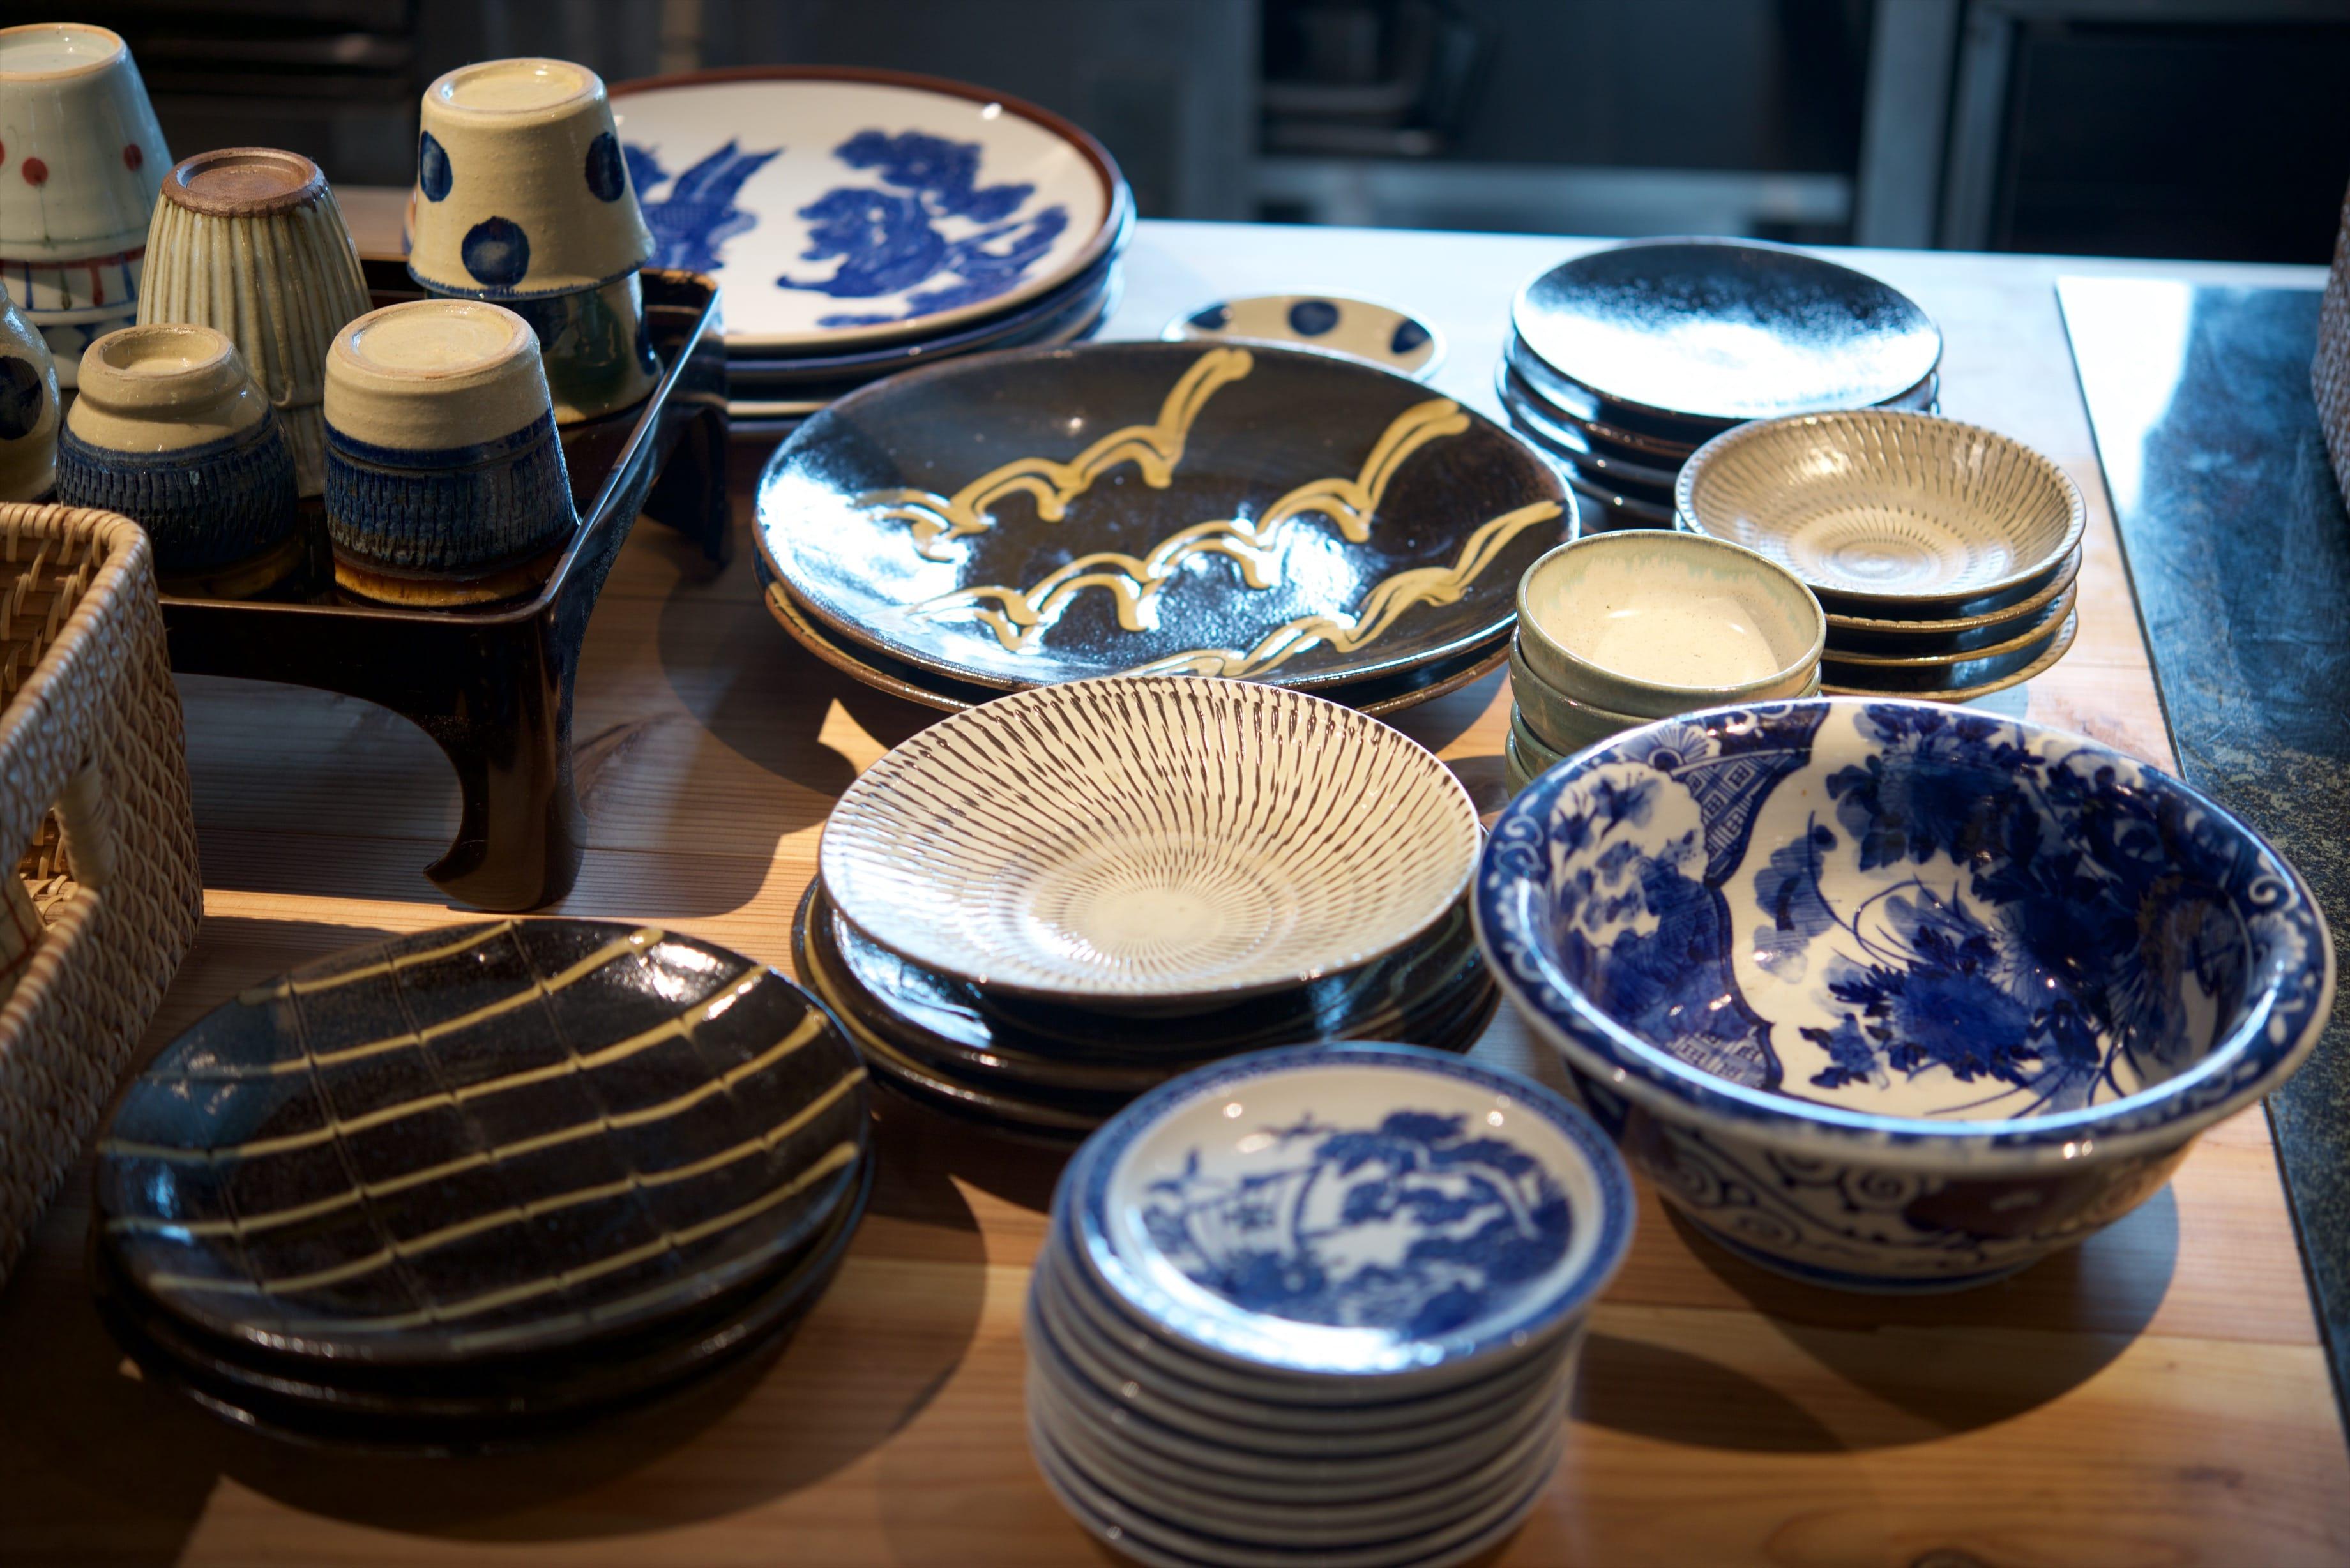 こだわりの器たちは、徳島市内の民藝店「東雲」さんのセレクトによるもの。手前の青い器は、もともとこの家に眠っていた骨董品。